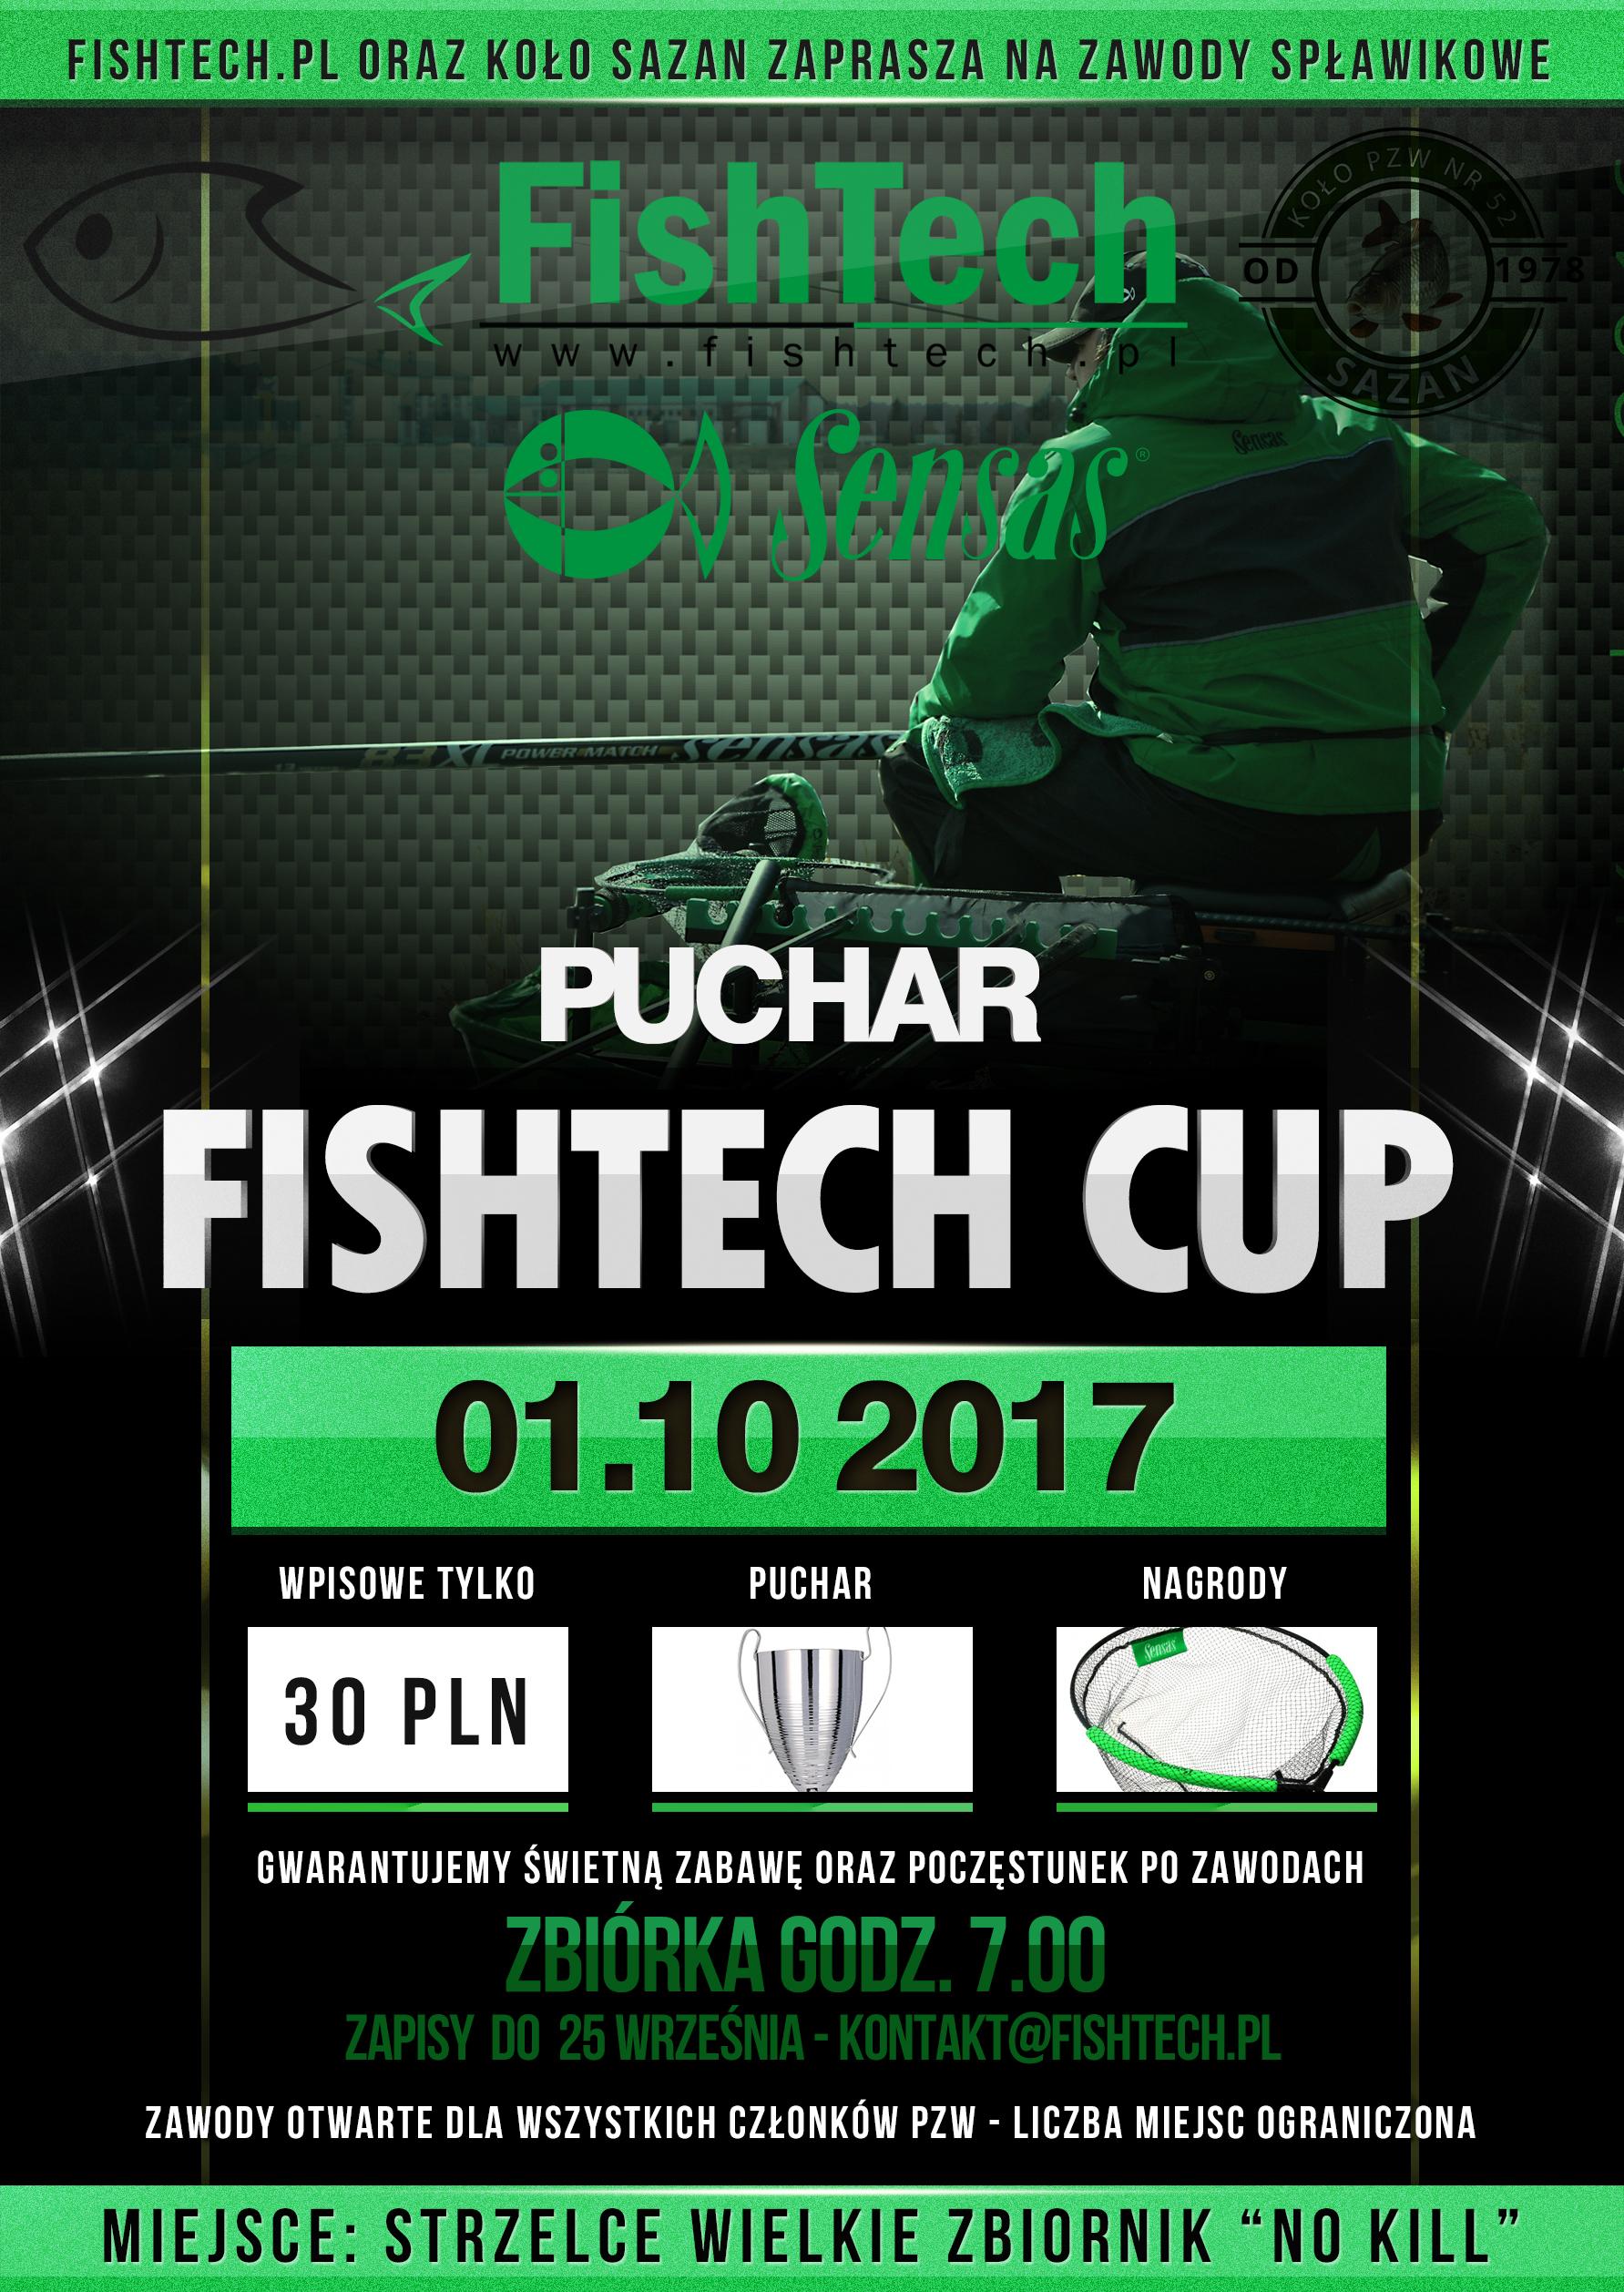 Zawody spławikowe OPEN FISHTECH CUP 01.10.2017